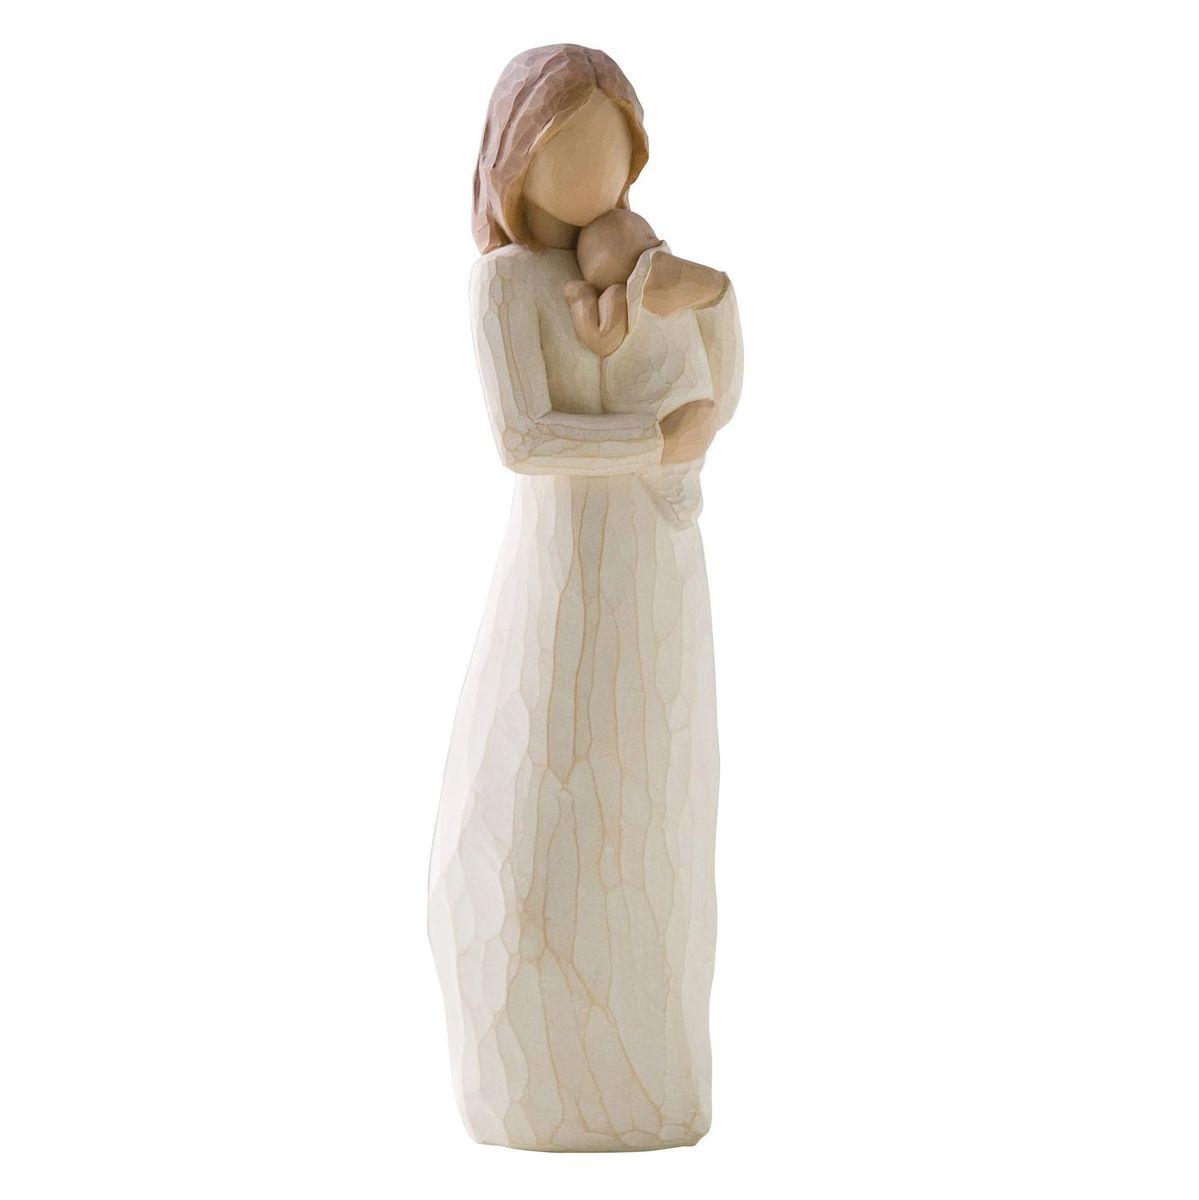 Фигурка декоративная Willow Tree Мой ангелочек, высота 22 смVWU76068A4ALДекоративная фигурка Willow Tree создана канадским скульптором Сьюзан Лорди. Фигурка выполнена из искусственного камня (49% карбонат кальция мелкозернистой разновидности, 51% искусственный камень).Фигурка Willow Tree – это настоящее произведение искусства, образная скульптура в миниатюре, изображающая эмоции и чувства, которые помогают чувствовать себя ближе к другим, верить в мечту, выражать любовь.Фигурка помещена в красивую упаковку.Купить такой оригинальный подарок, значит не только украсить интерьер помещения или жилой комнаты, но выразить свое глубокое отношение к любимому человеку. Этот прекрасный сувенир будет лучшим подарком на день ангела, именины, день рождения, юбилей.